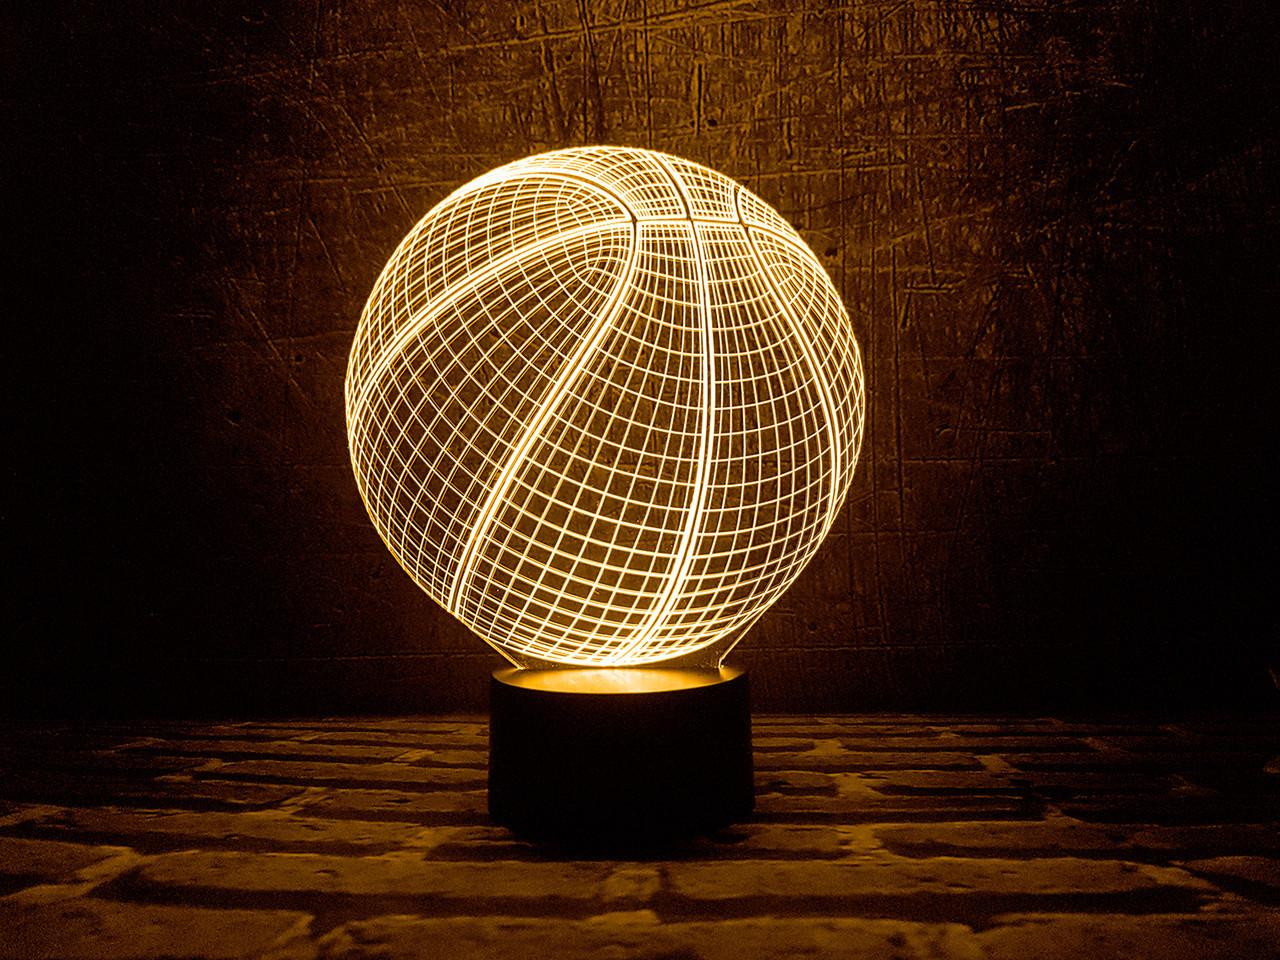 """Сменная пластина для 3D светильников """"Баскетбольный мяч"""" 3DTOYSLAMP"""